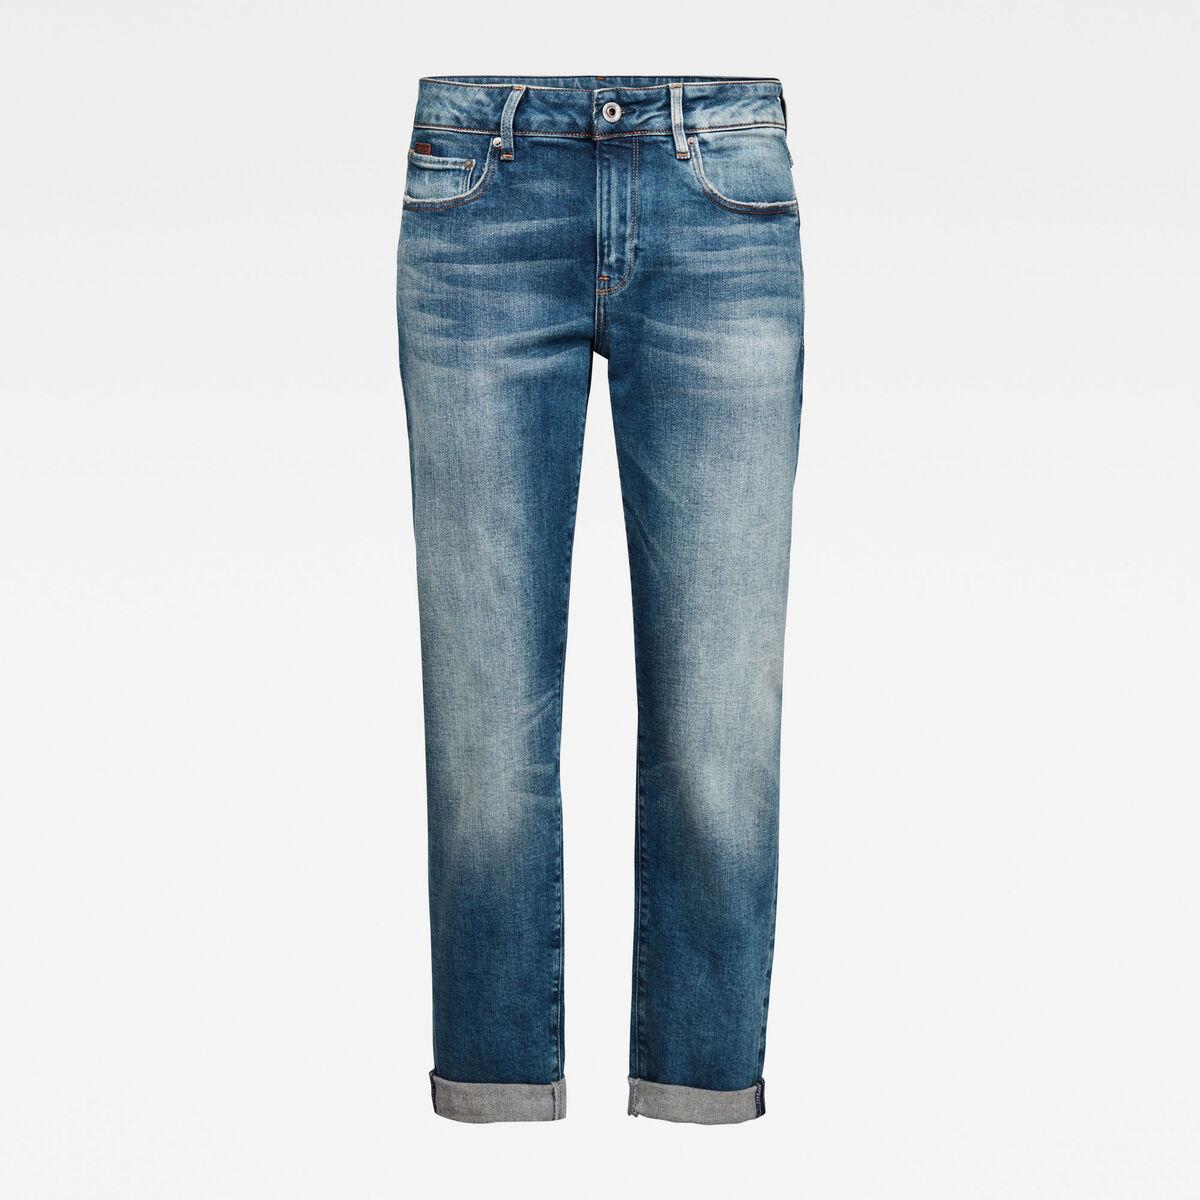 Bild 4 von Kate Boyfriend Jeans